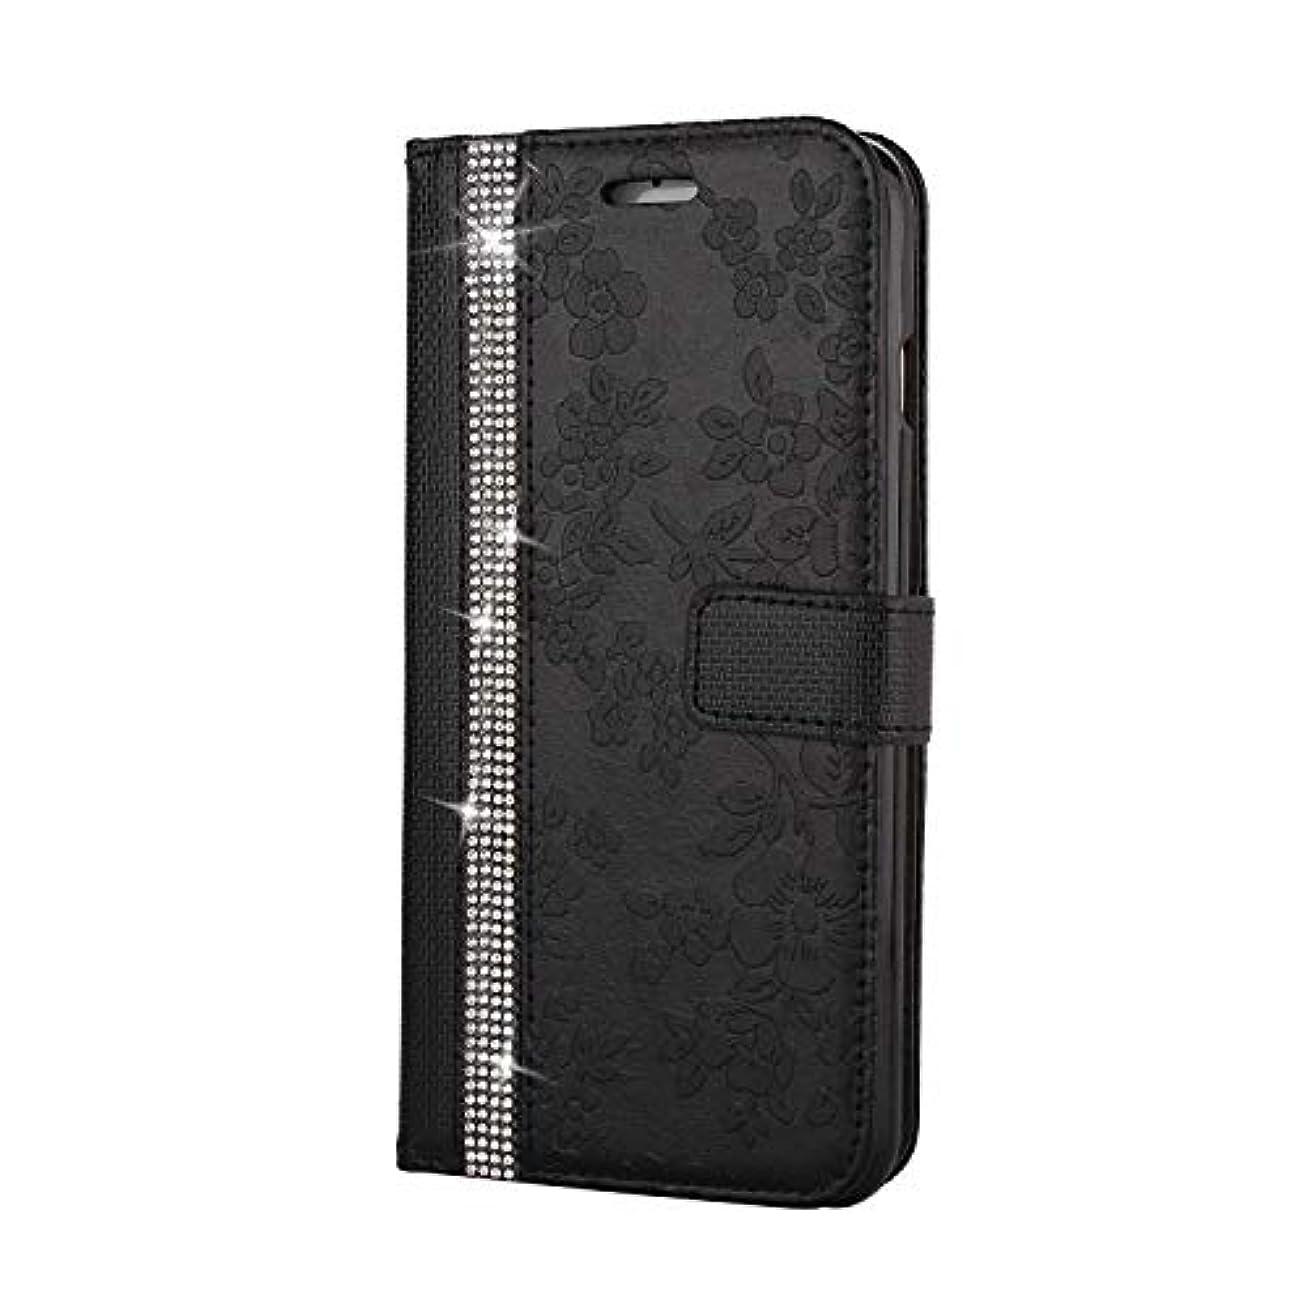 カストディアン病者クライマックスCUNUS iPhone 6 Plus/iPhone 6S Plus 用 ウォレット ケース, プレミアム PUレザー 全面保護 ケース 耐衝撃 スタンド機能 耐汚れ カード収納 カバー, ブラック